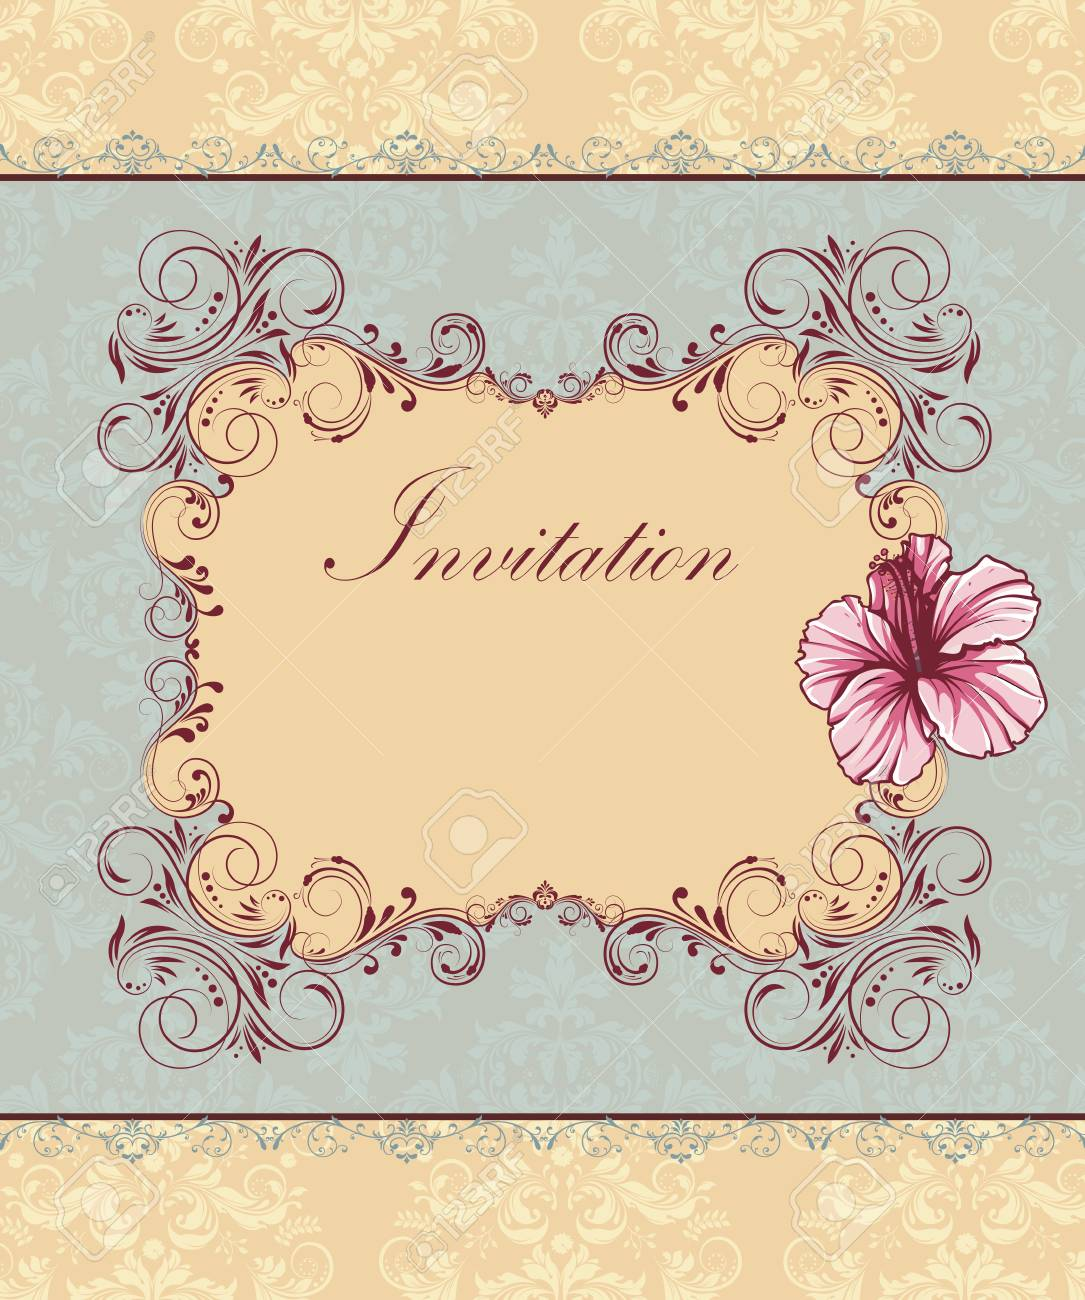 Tarjeta De Invitación Vintage Con Diseño Floral Abstracto Retro Elegante Adornado Flores De Color Rosa Y Rojo Oscuro Y Hojas Sobre Fondo Verde Pálido